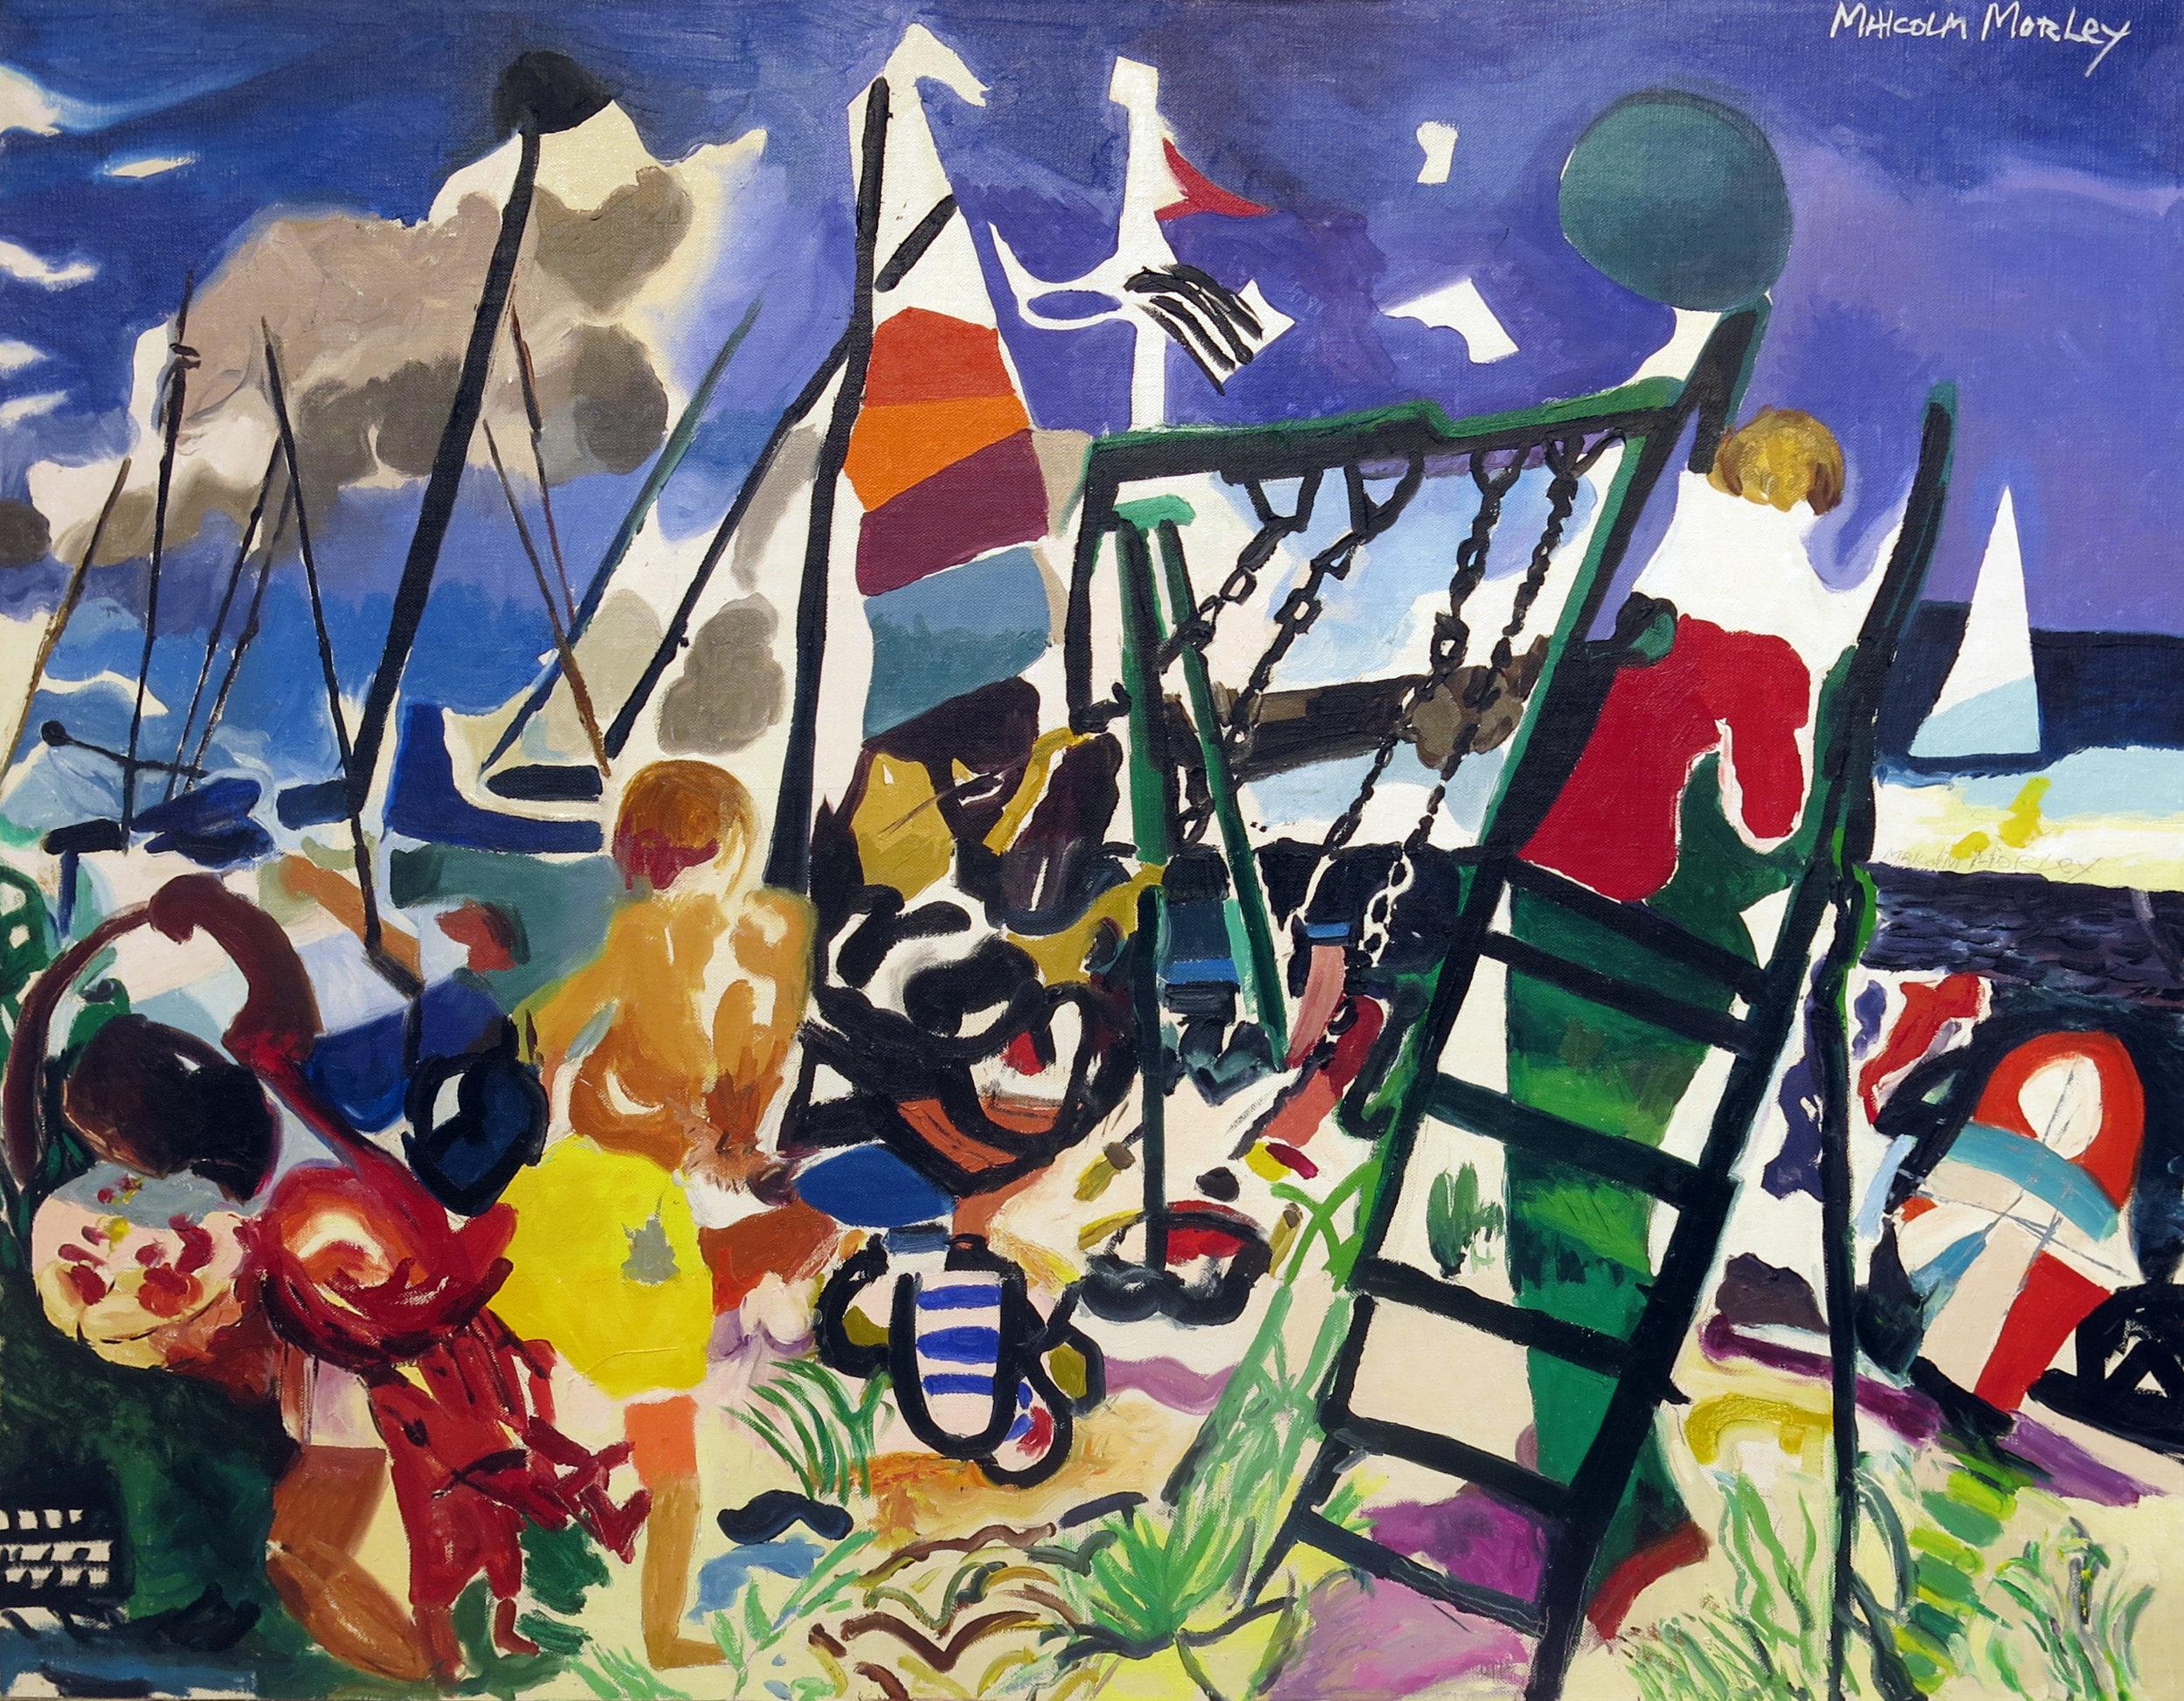 Malcolm Morley,  Bellport Swings,  1991, oil on canvas, 34 1/4h x 44 1/2w in.